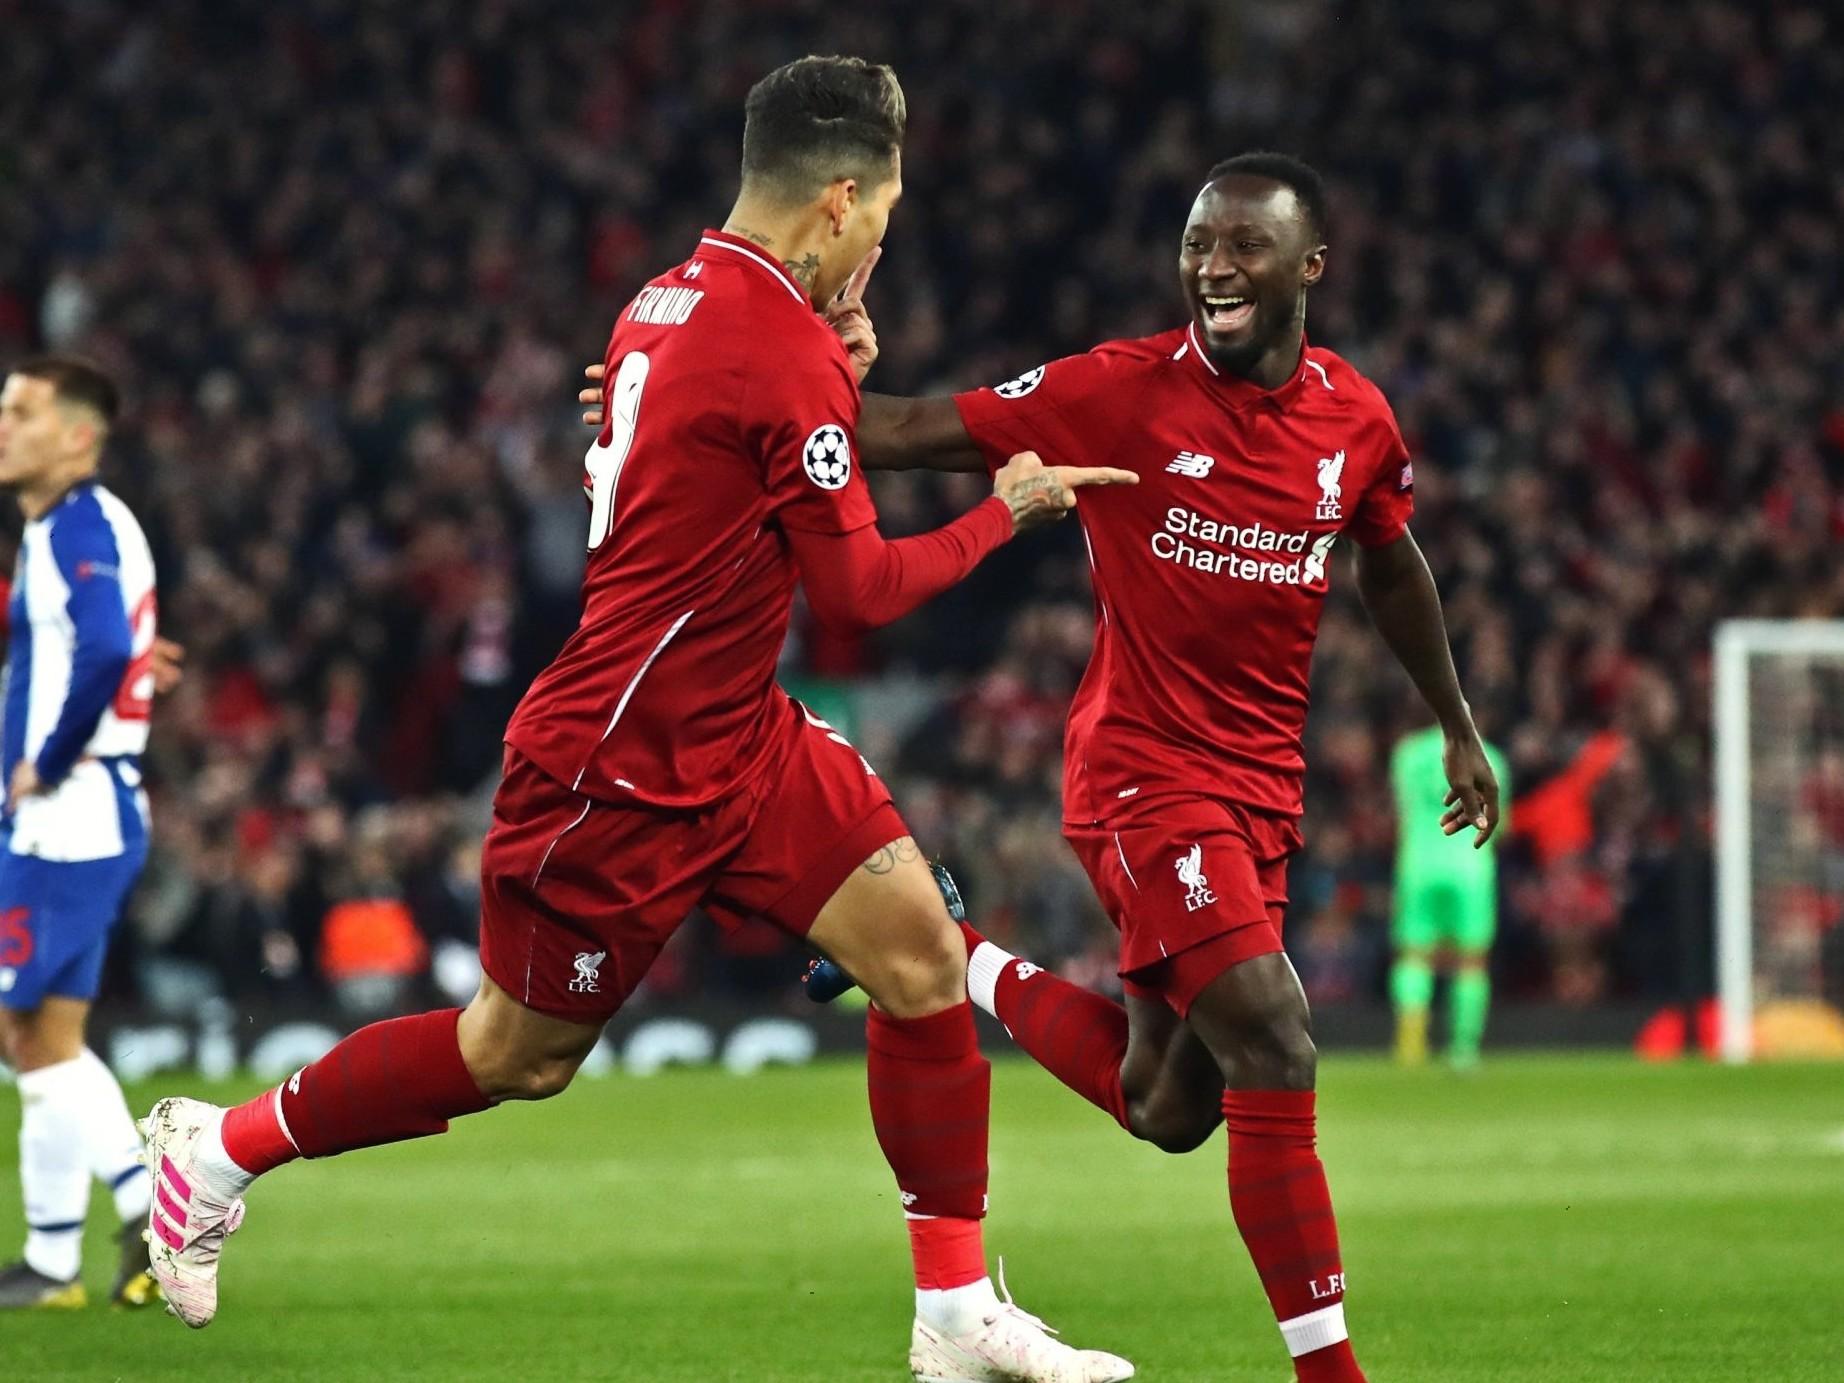 Le jackpot pour Liverpool grâce à Nike